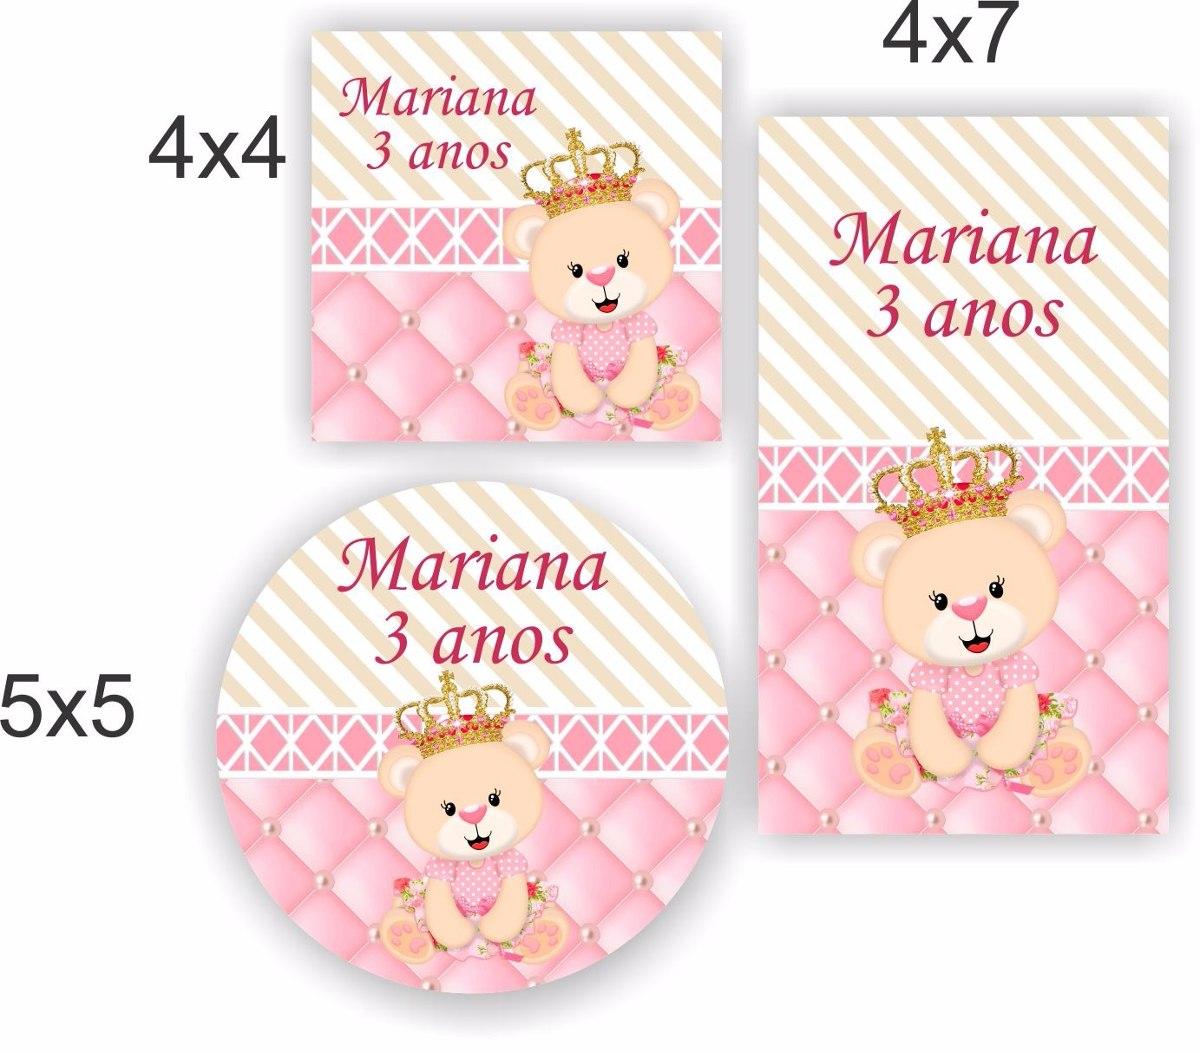 Adesivo Para Moto Frases ~ Kit 90 Un Adesivo Ursinha Princesa Chá De Bebe Lembrancinha R$ 29,99 em Mercado Livre